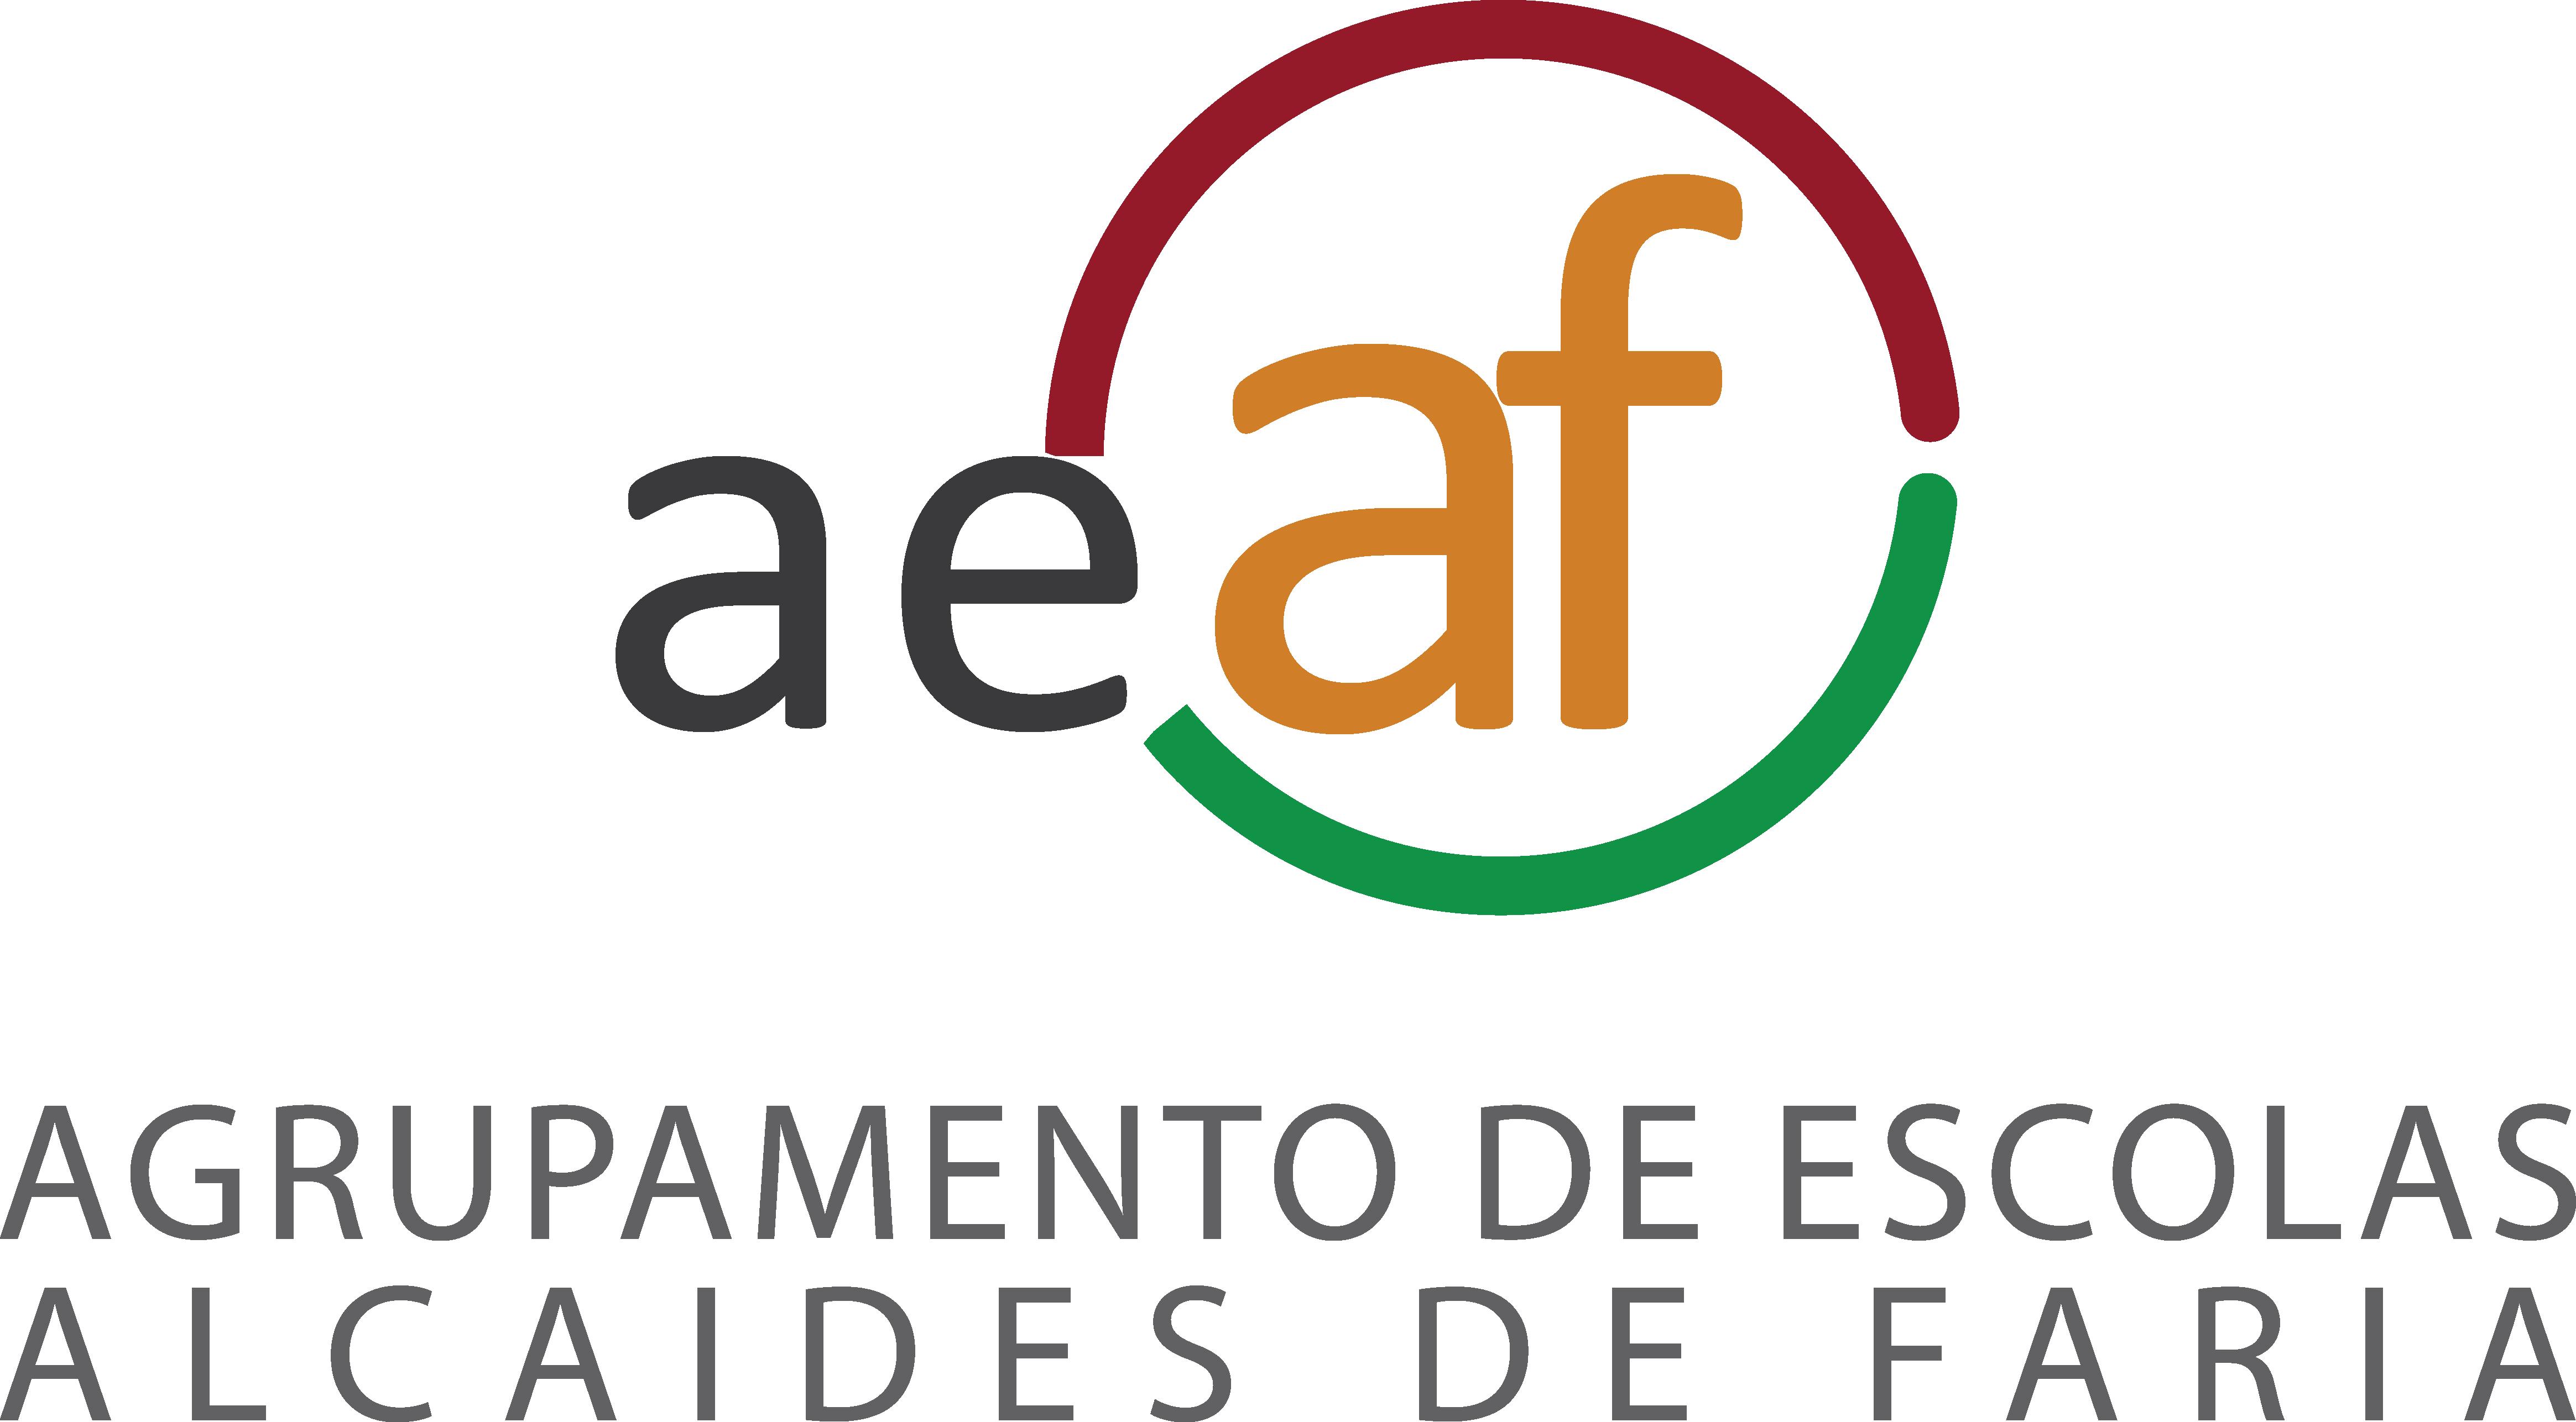 Logótipo do Agrupamento de Escolas Alcaides de Faria